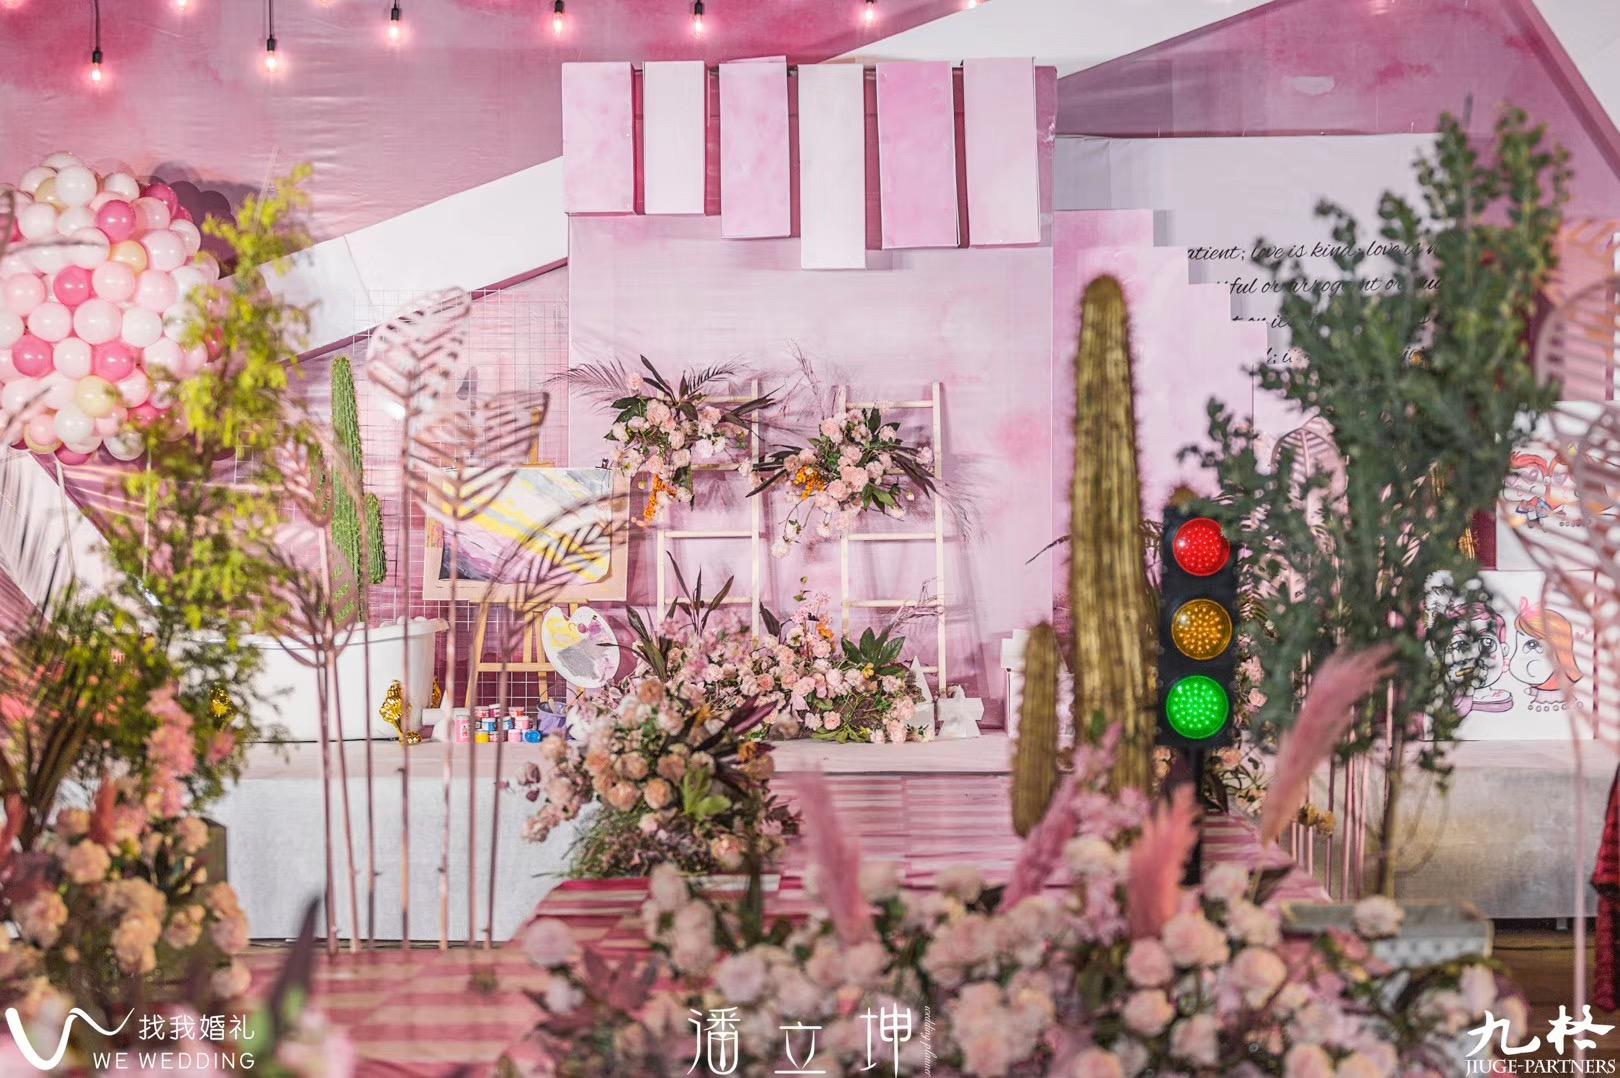 章先生 章太太婚礼图片